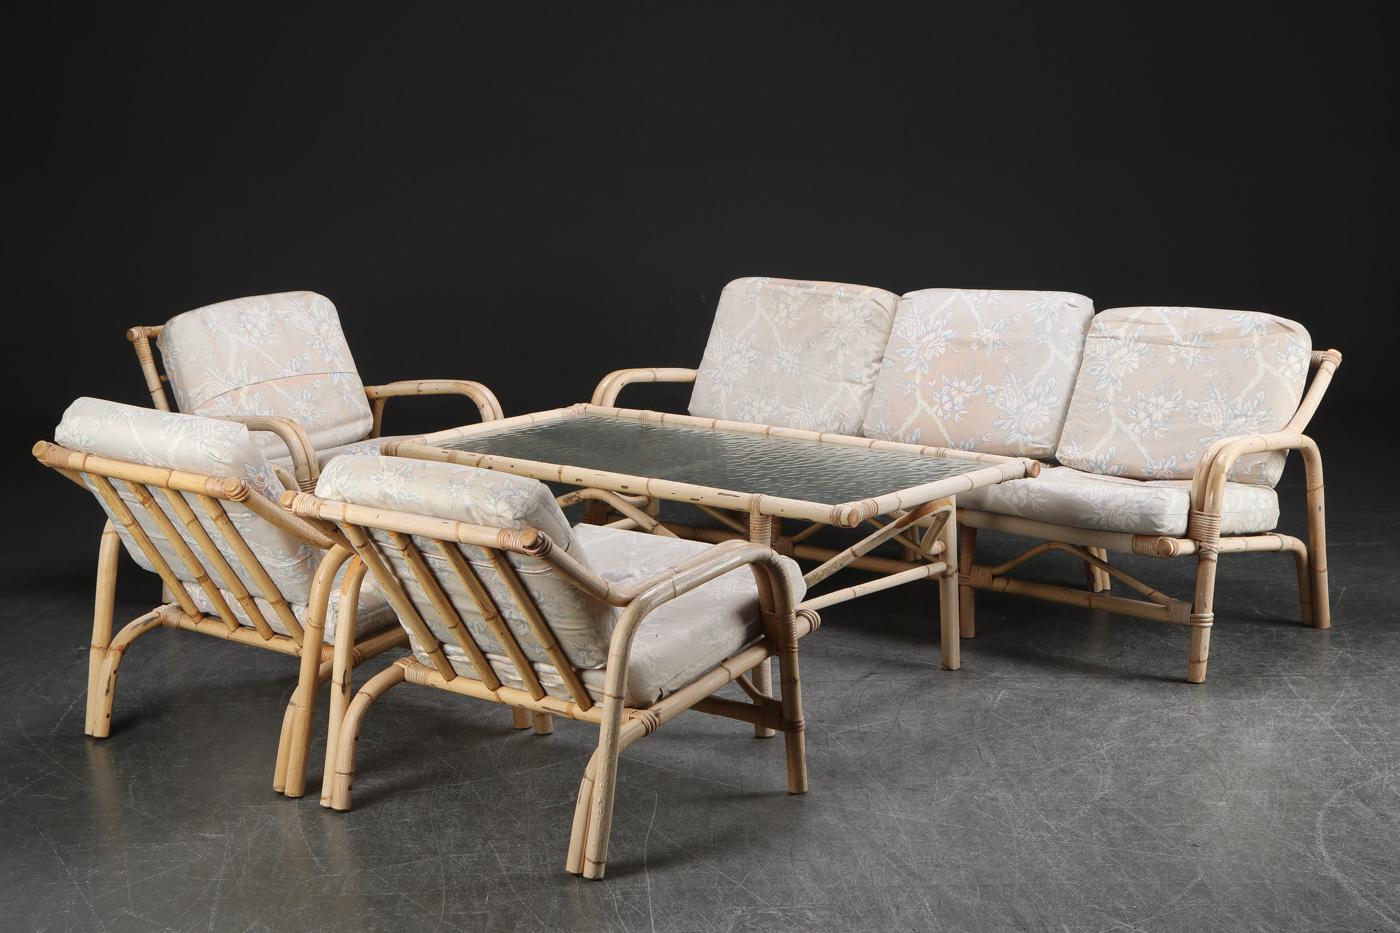 Sofagruppe af bambus - Sofagruppe af bambus bestående af tre lænestole, sofabord samt sofa. L. 184 cm. Stel og hynder med slitage